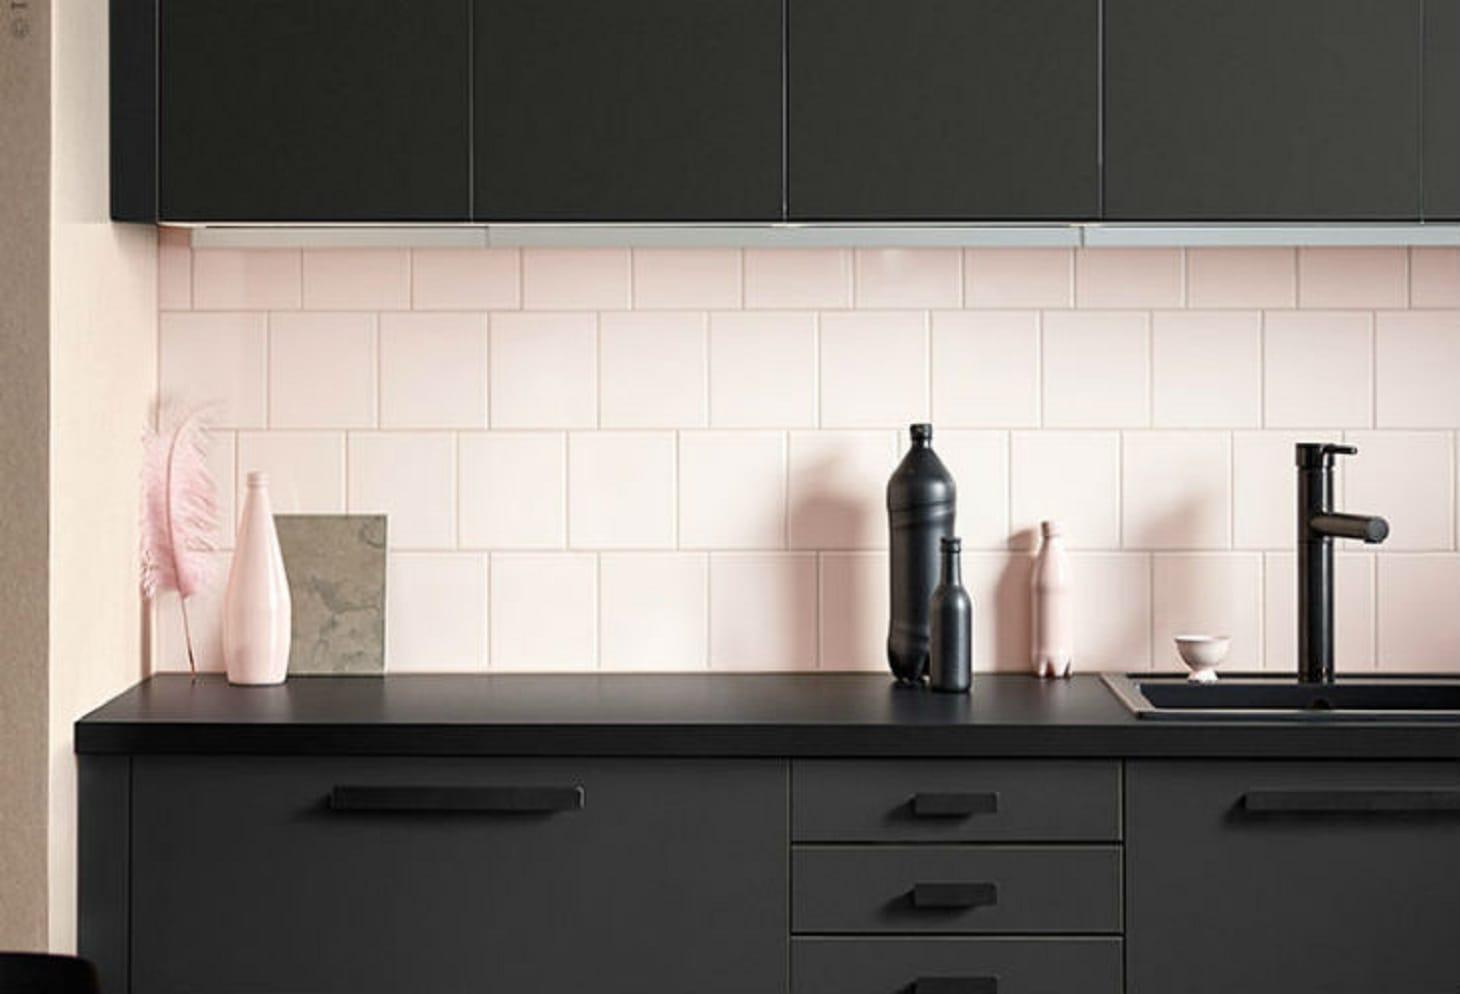 Kungsbacka la cucina in plastica riciclata di ikea for Ikea appuntamento cucina